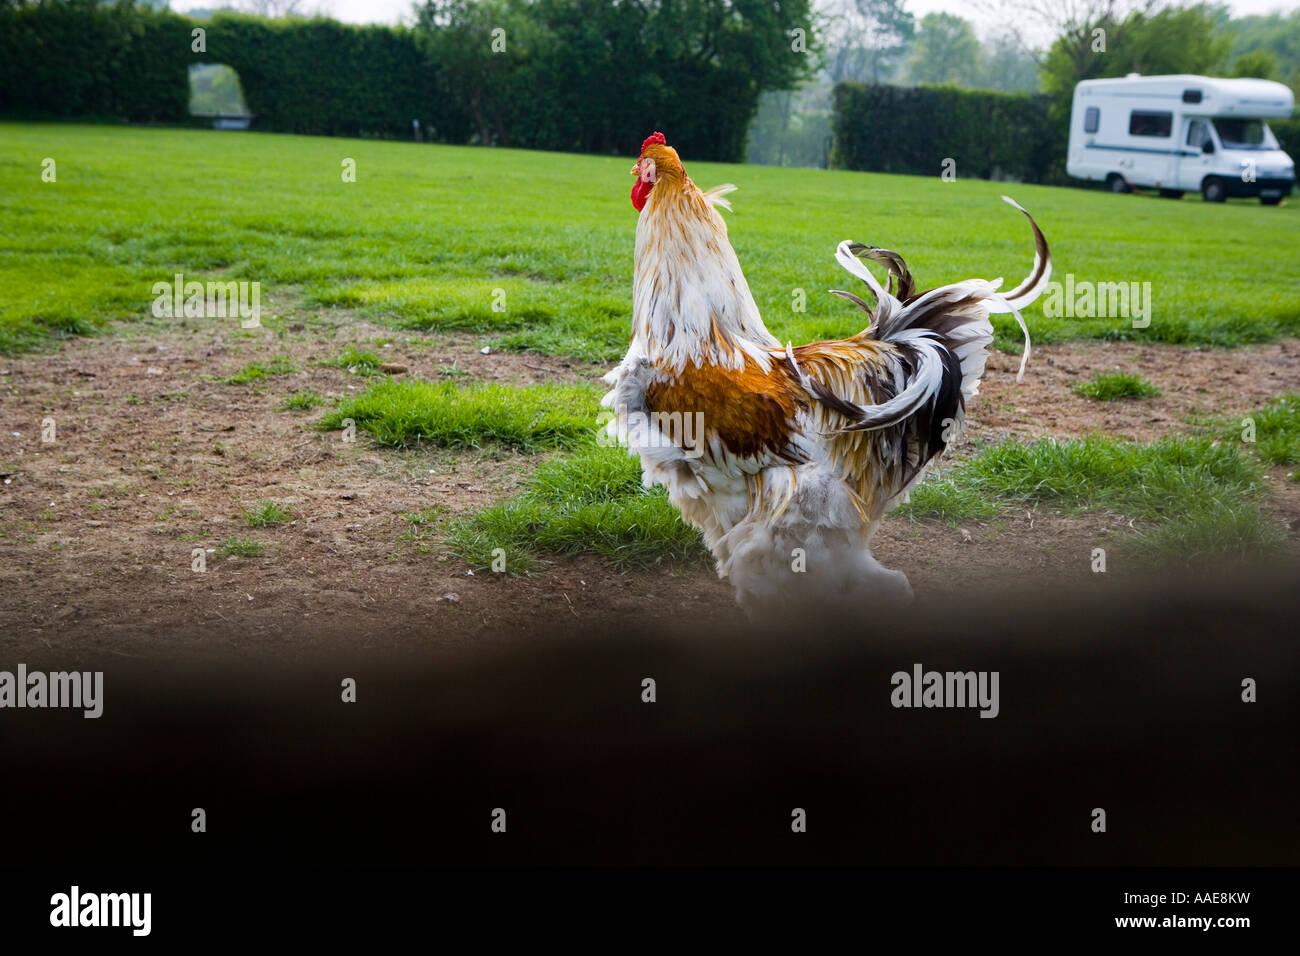 Freerange chicken Stock Photo